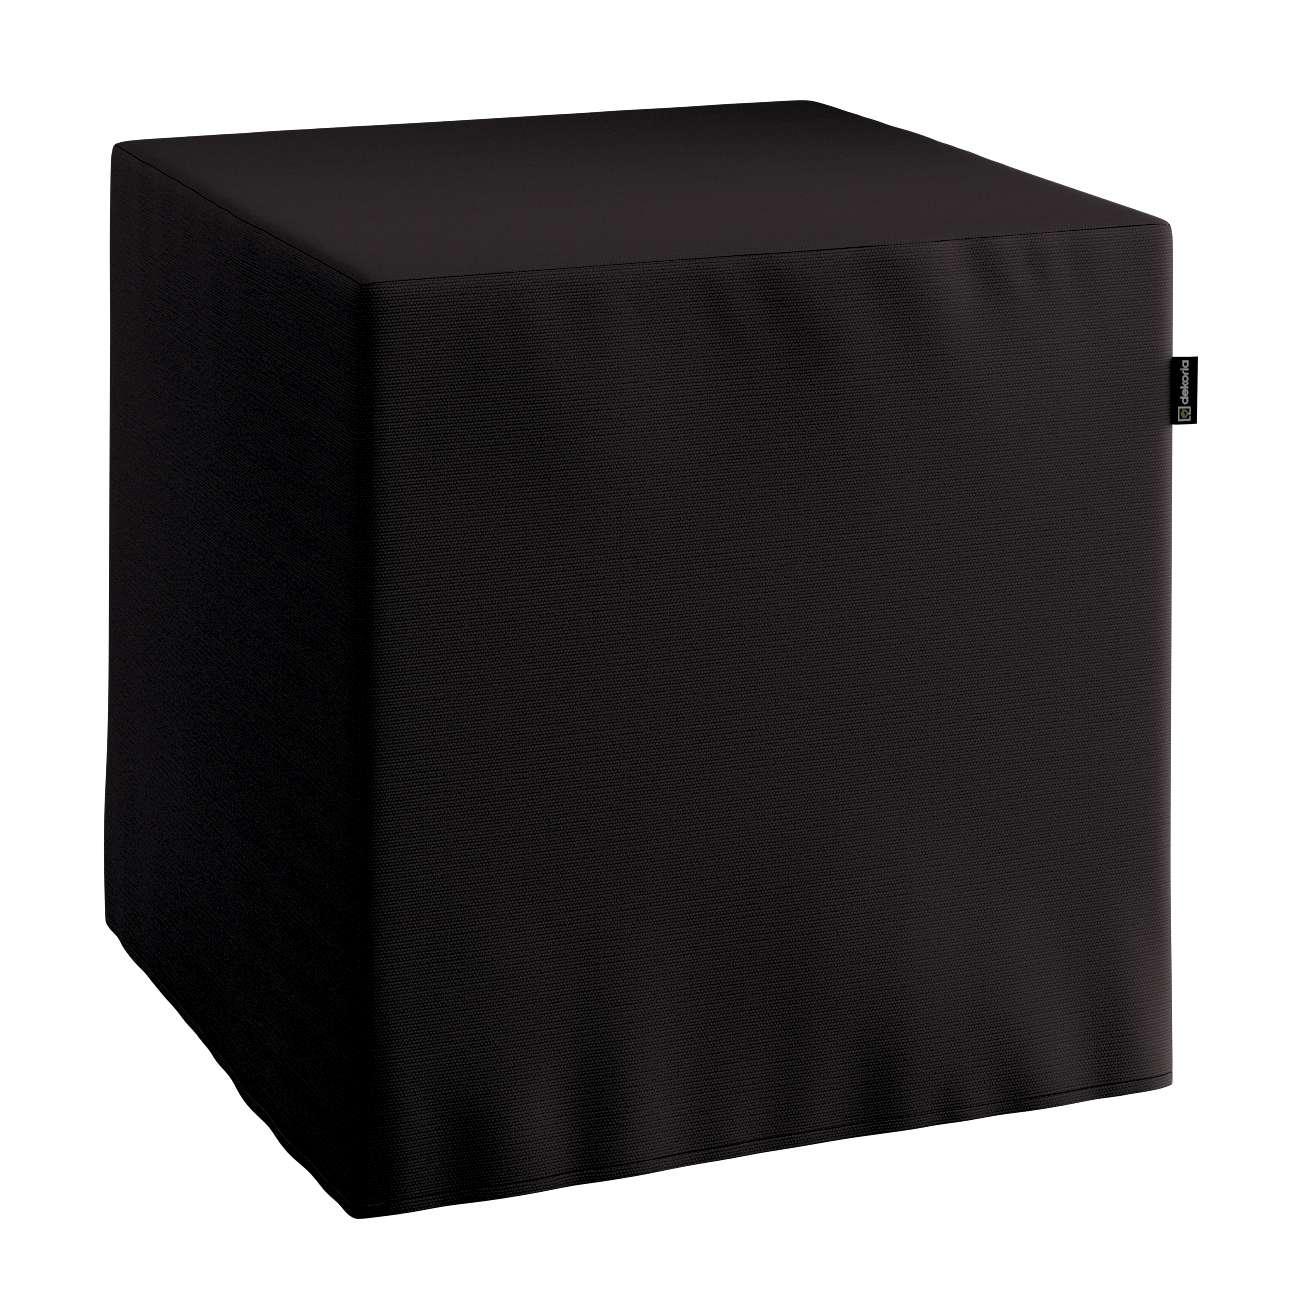 Harter Sitzwürfel 40 x 40 x 40 cm von der Kollektion Cotton Panama, Stoff: 702-09